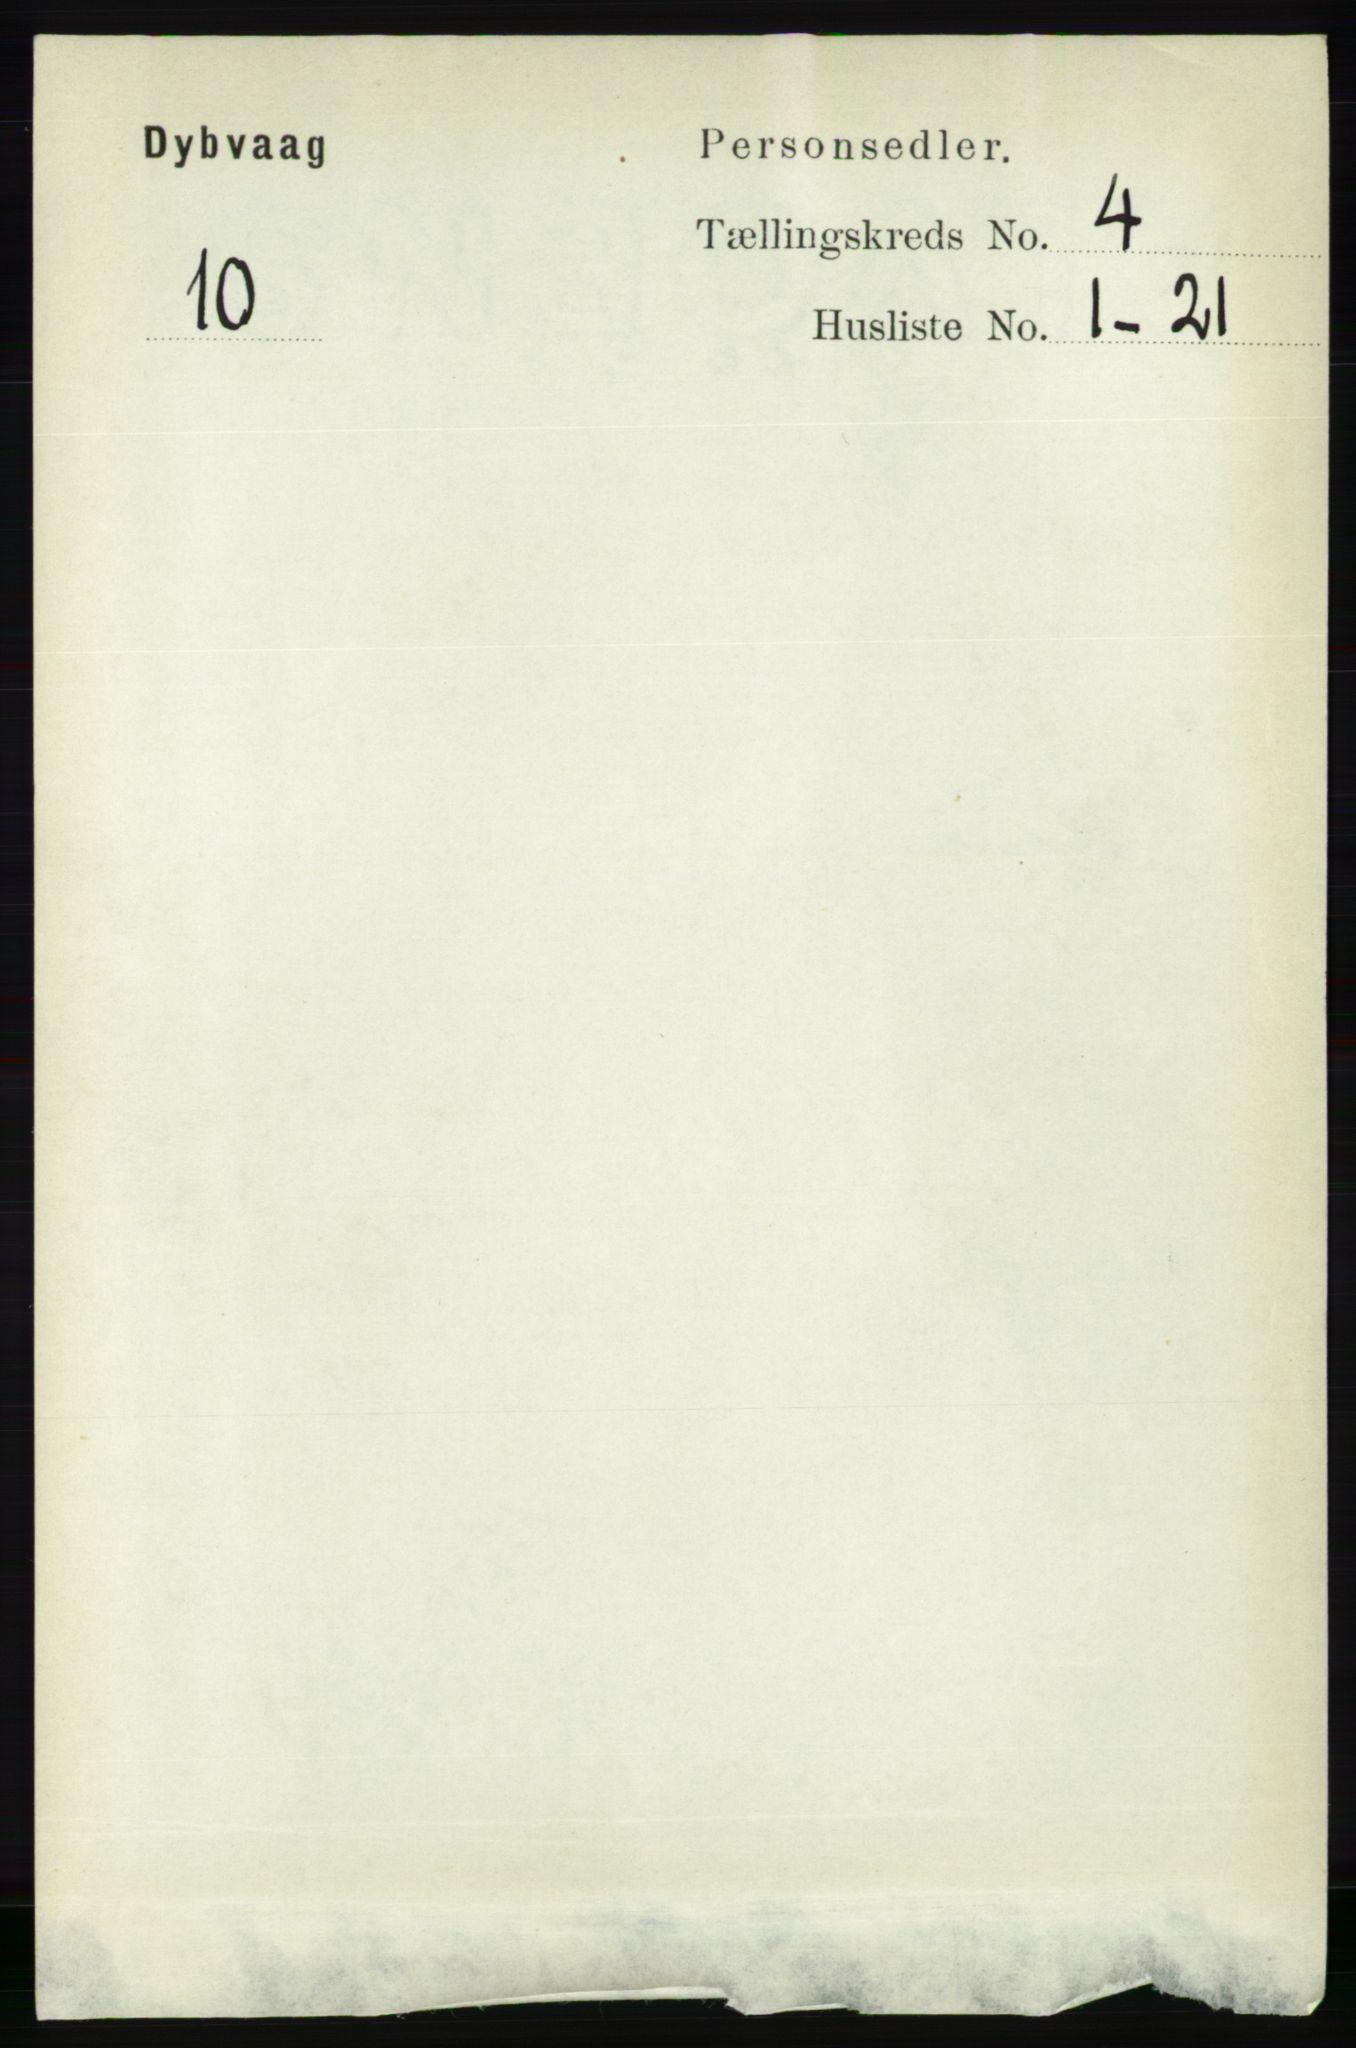 RA, Folketelling 1891 for 0915 Dypvåg herred, 1891, s. 1013